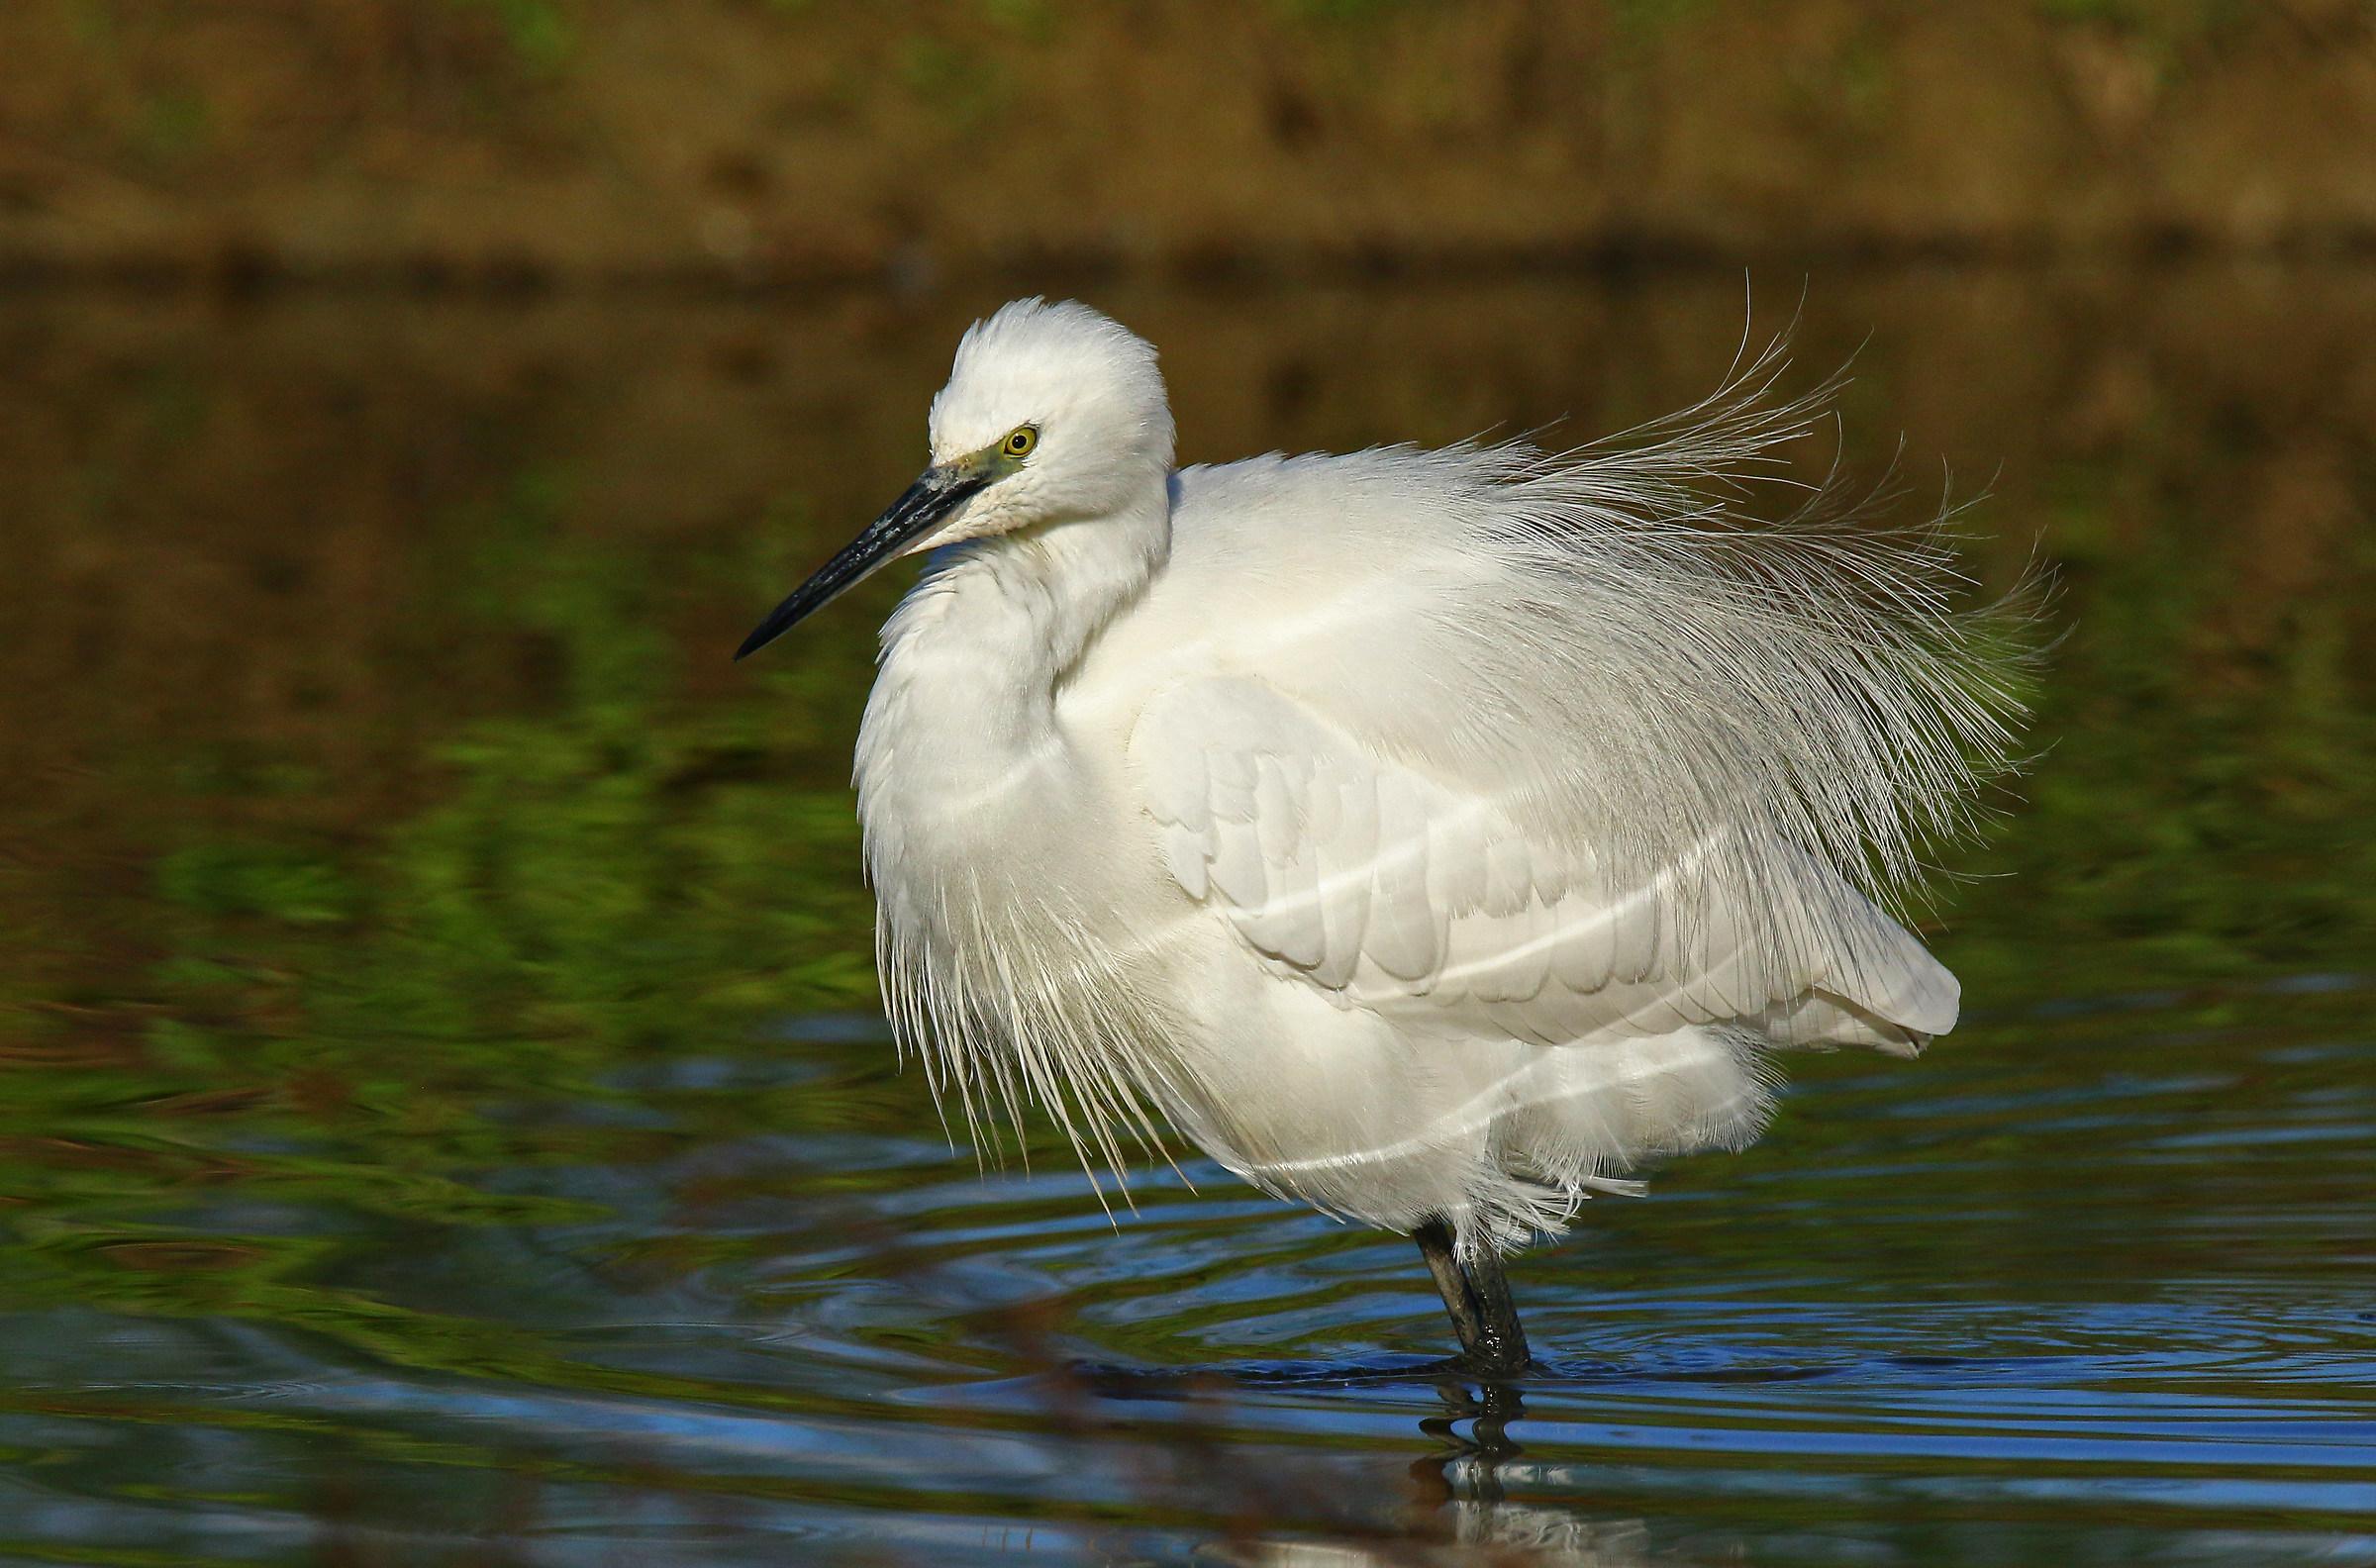 The egret disheveled...